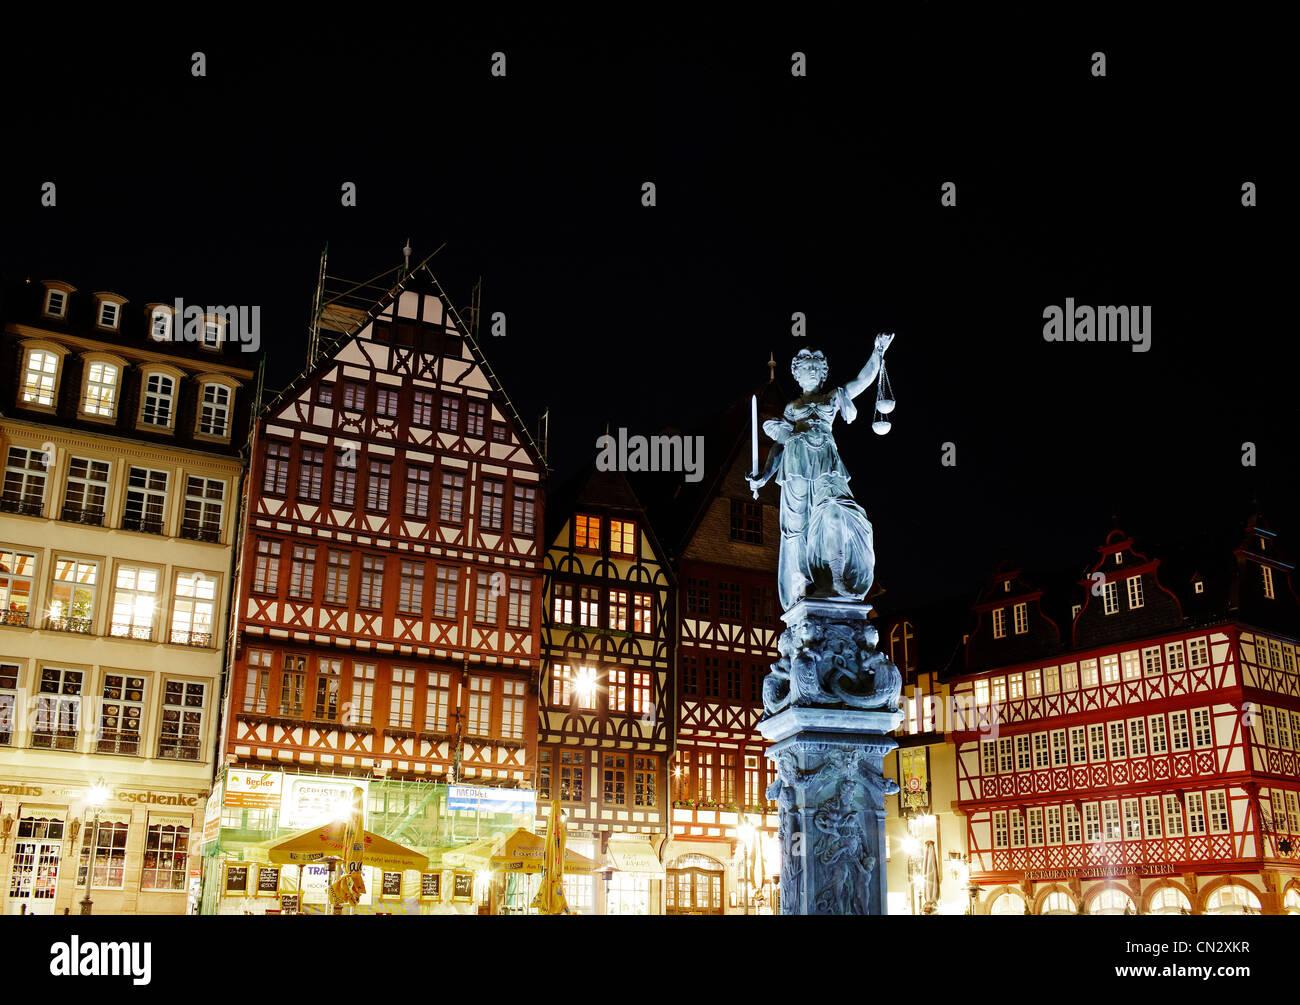 The Romer at night, Frankfurt, Germany Stock Photo